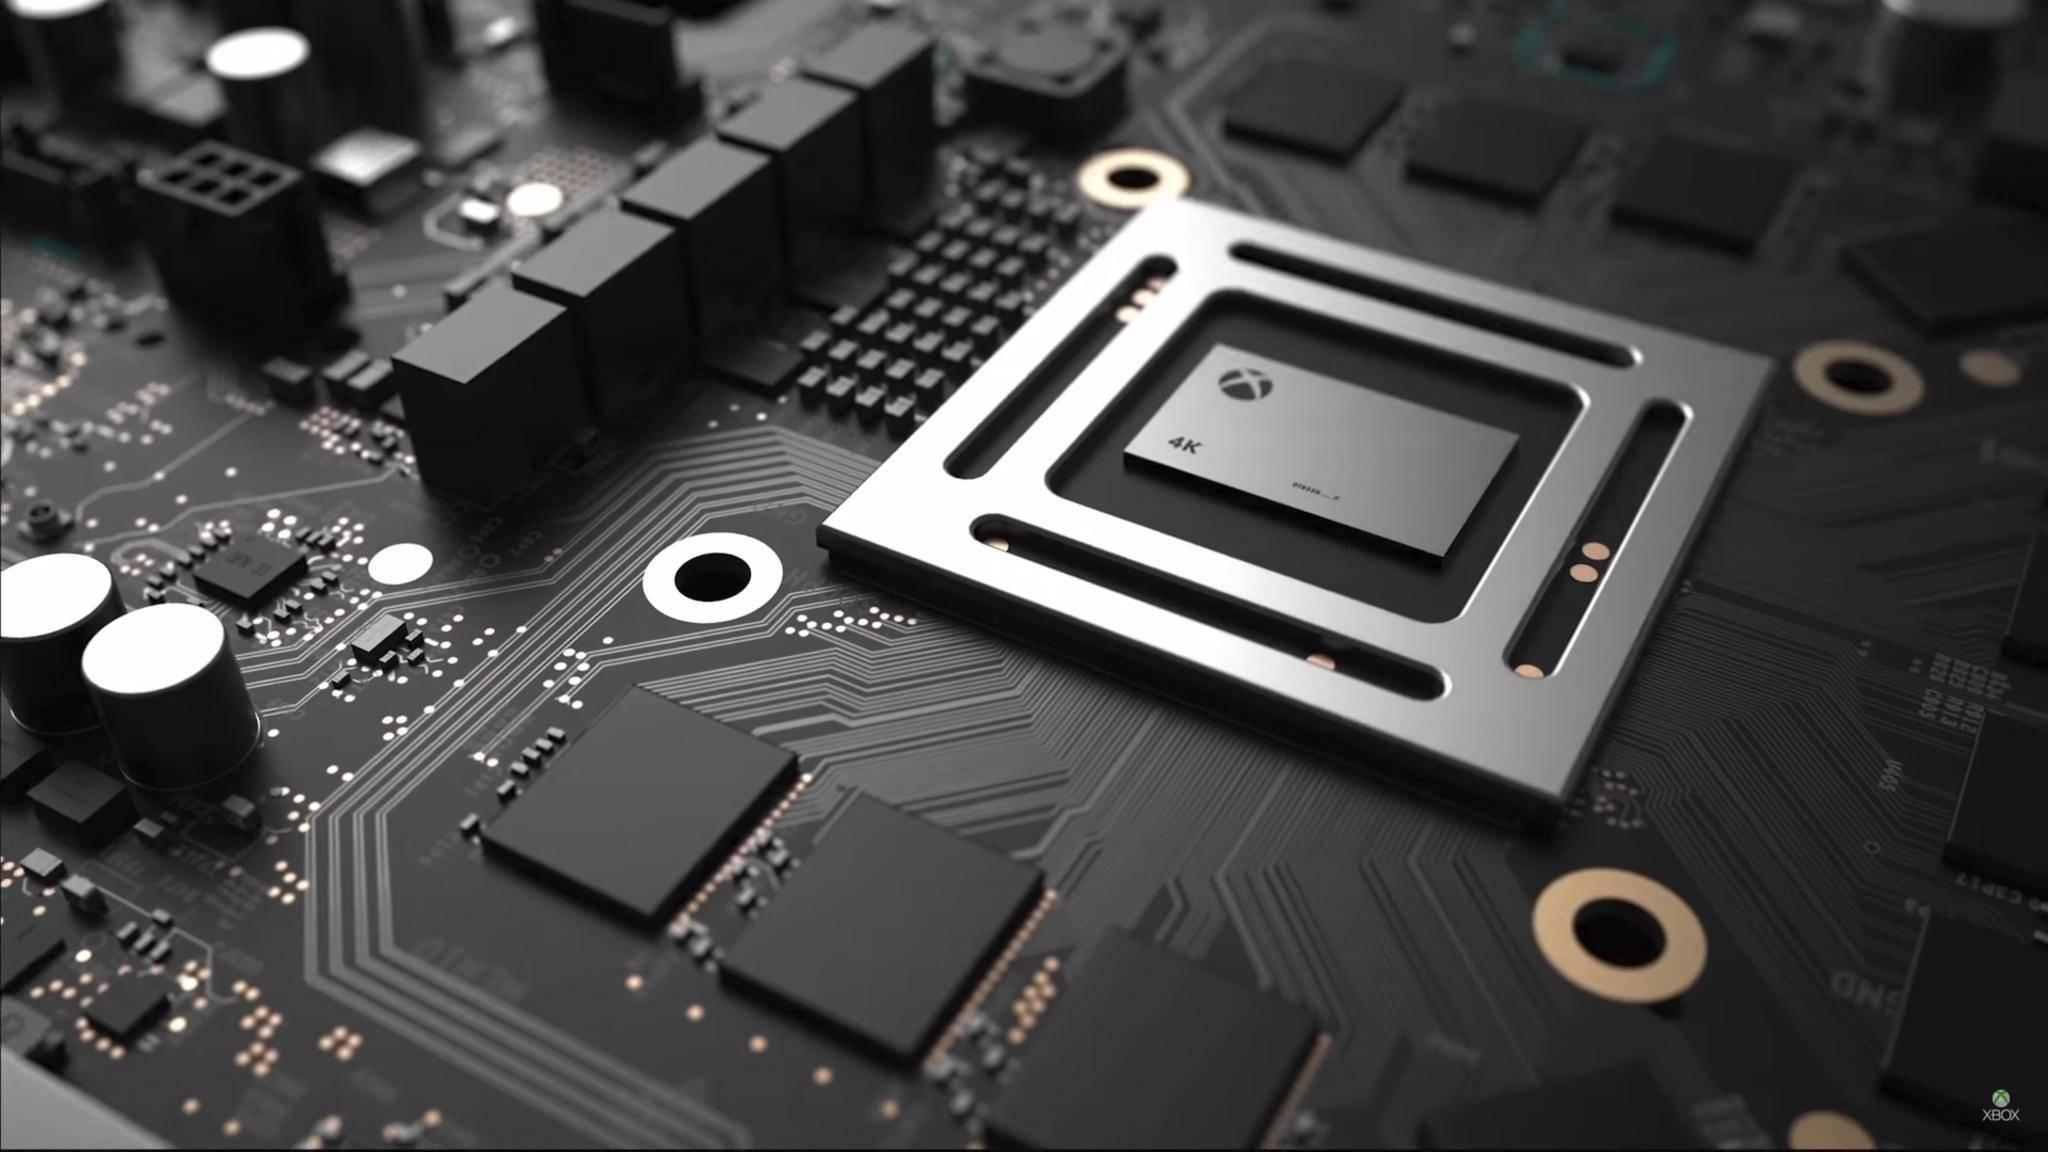 Dieses Innenleben stammt aus der Xbox One X. Ihr Nachfolger wird ganz sicher noch mehr auf der Pfanne haben!